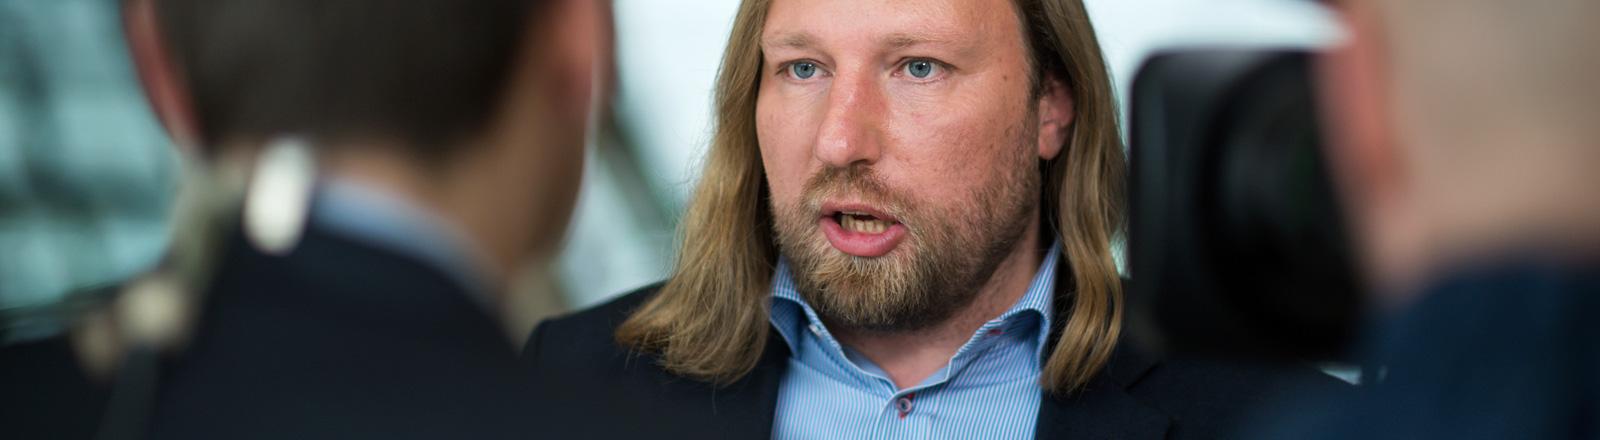 Der Grünen-Politiker Anton Hofreiter spricht zu zwei Journalisten; Foto: dpa